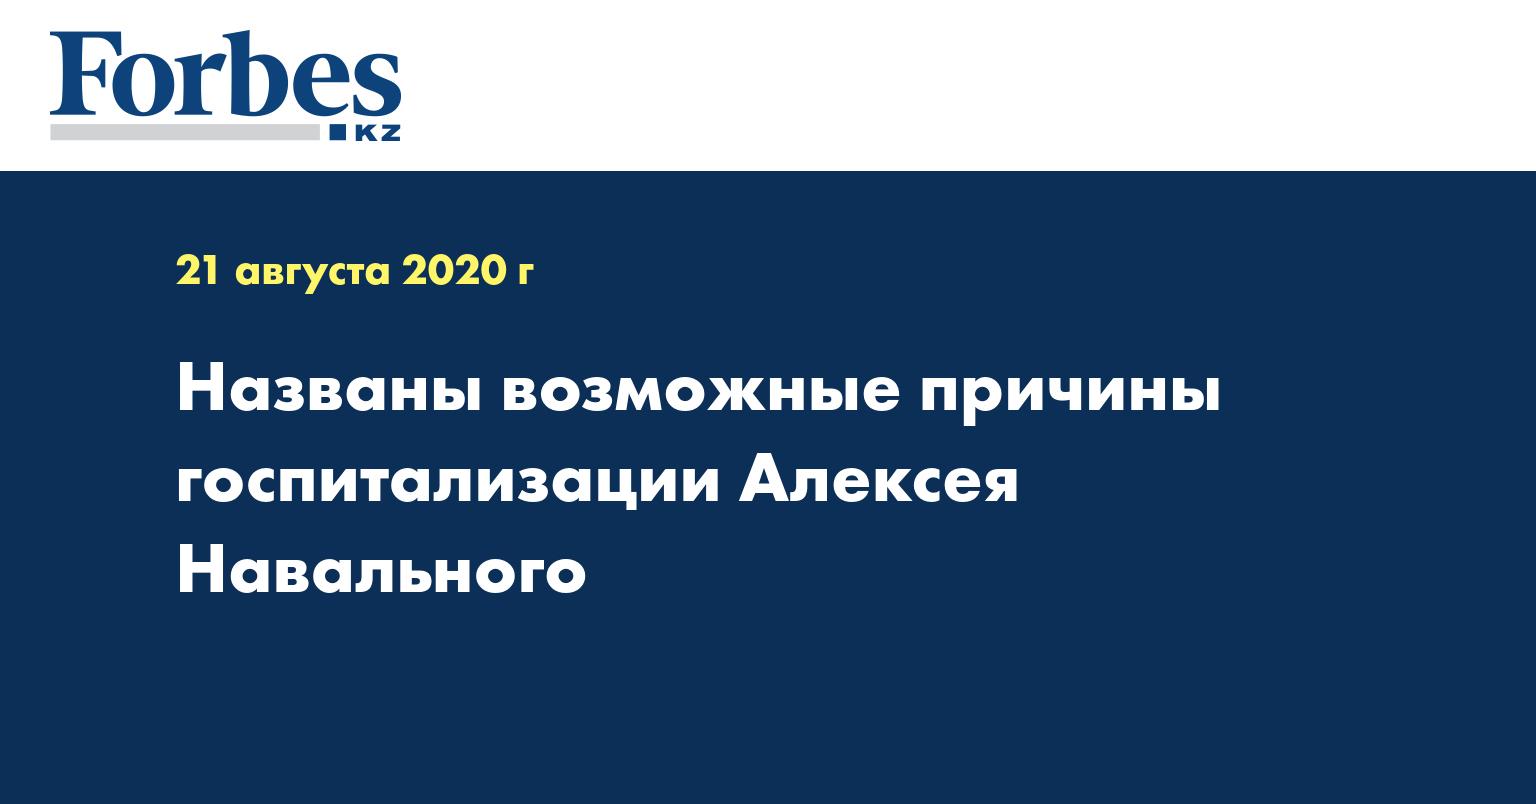 Названы возможные причины госпитализации Алексея Навального